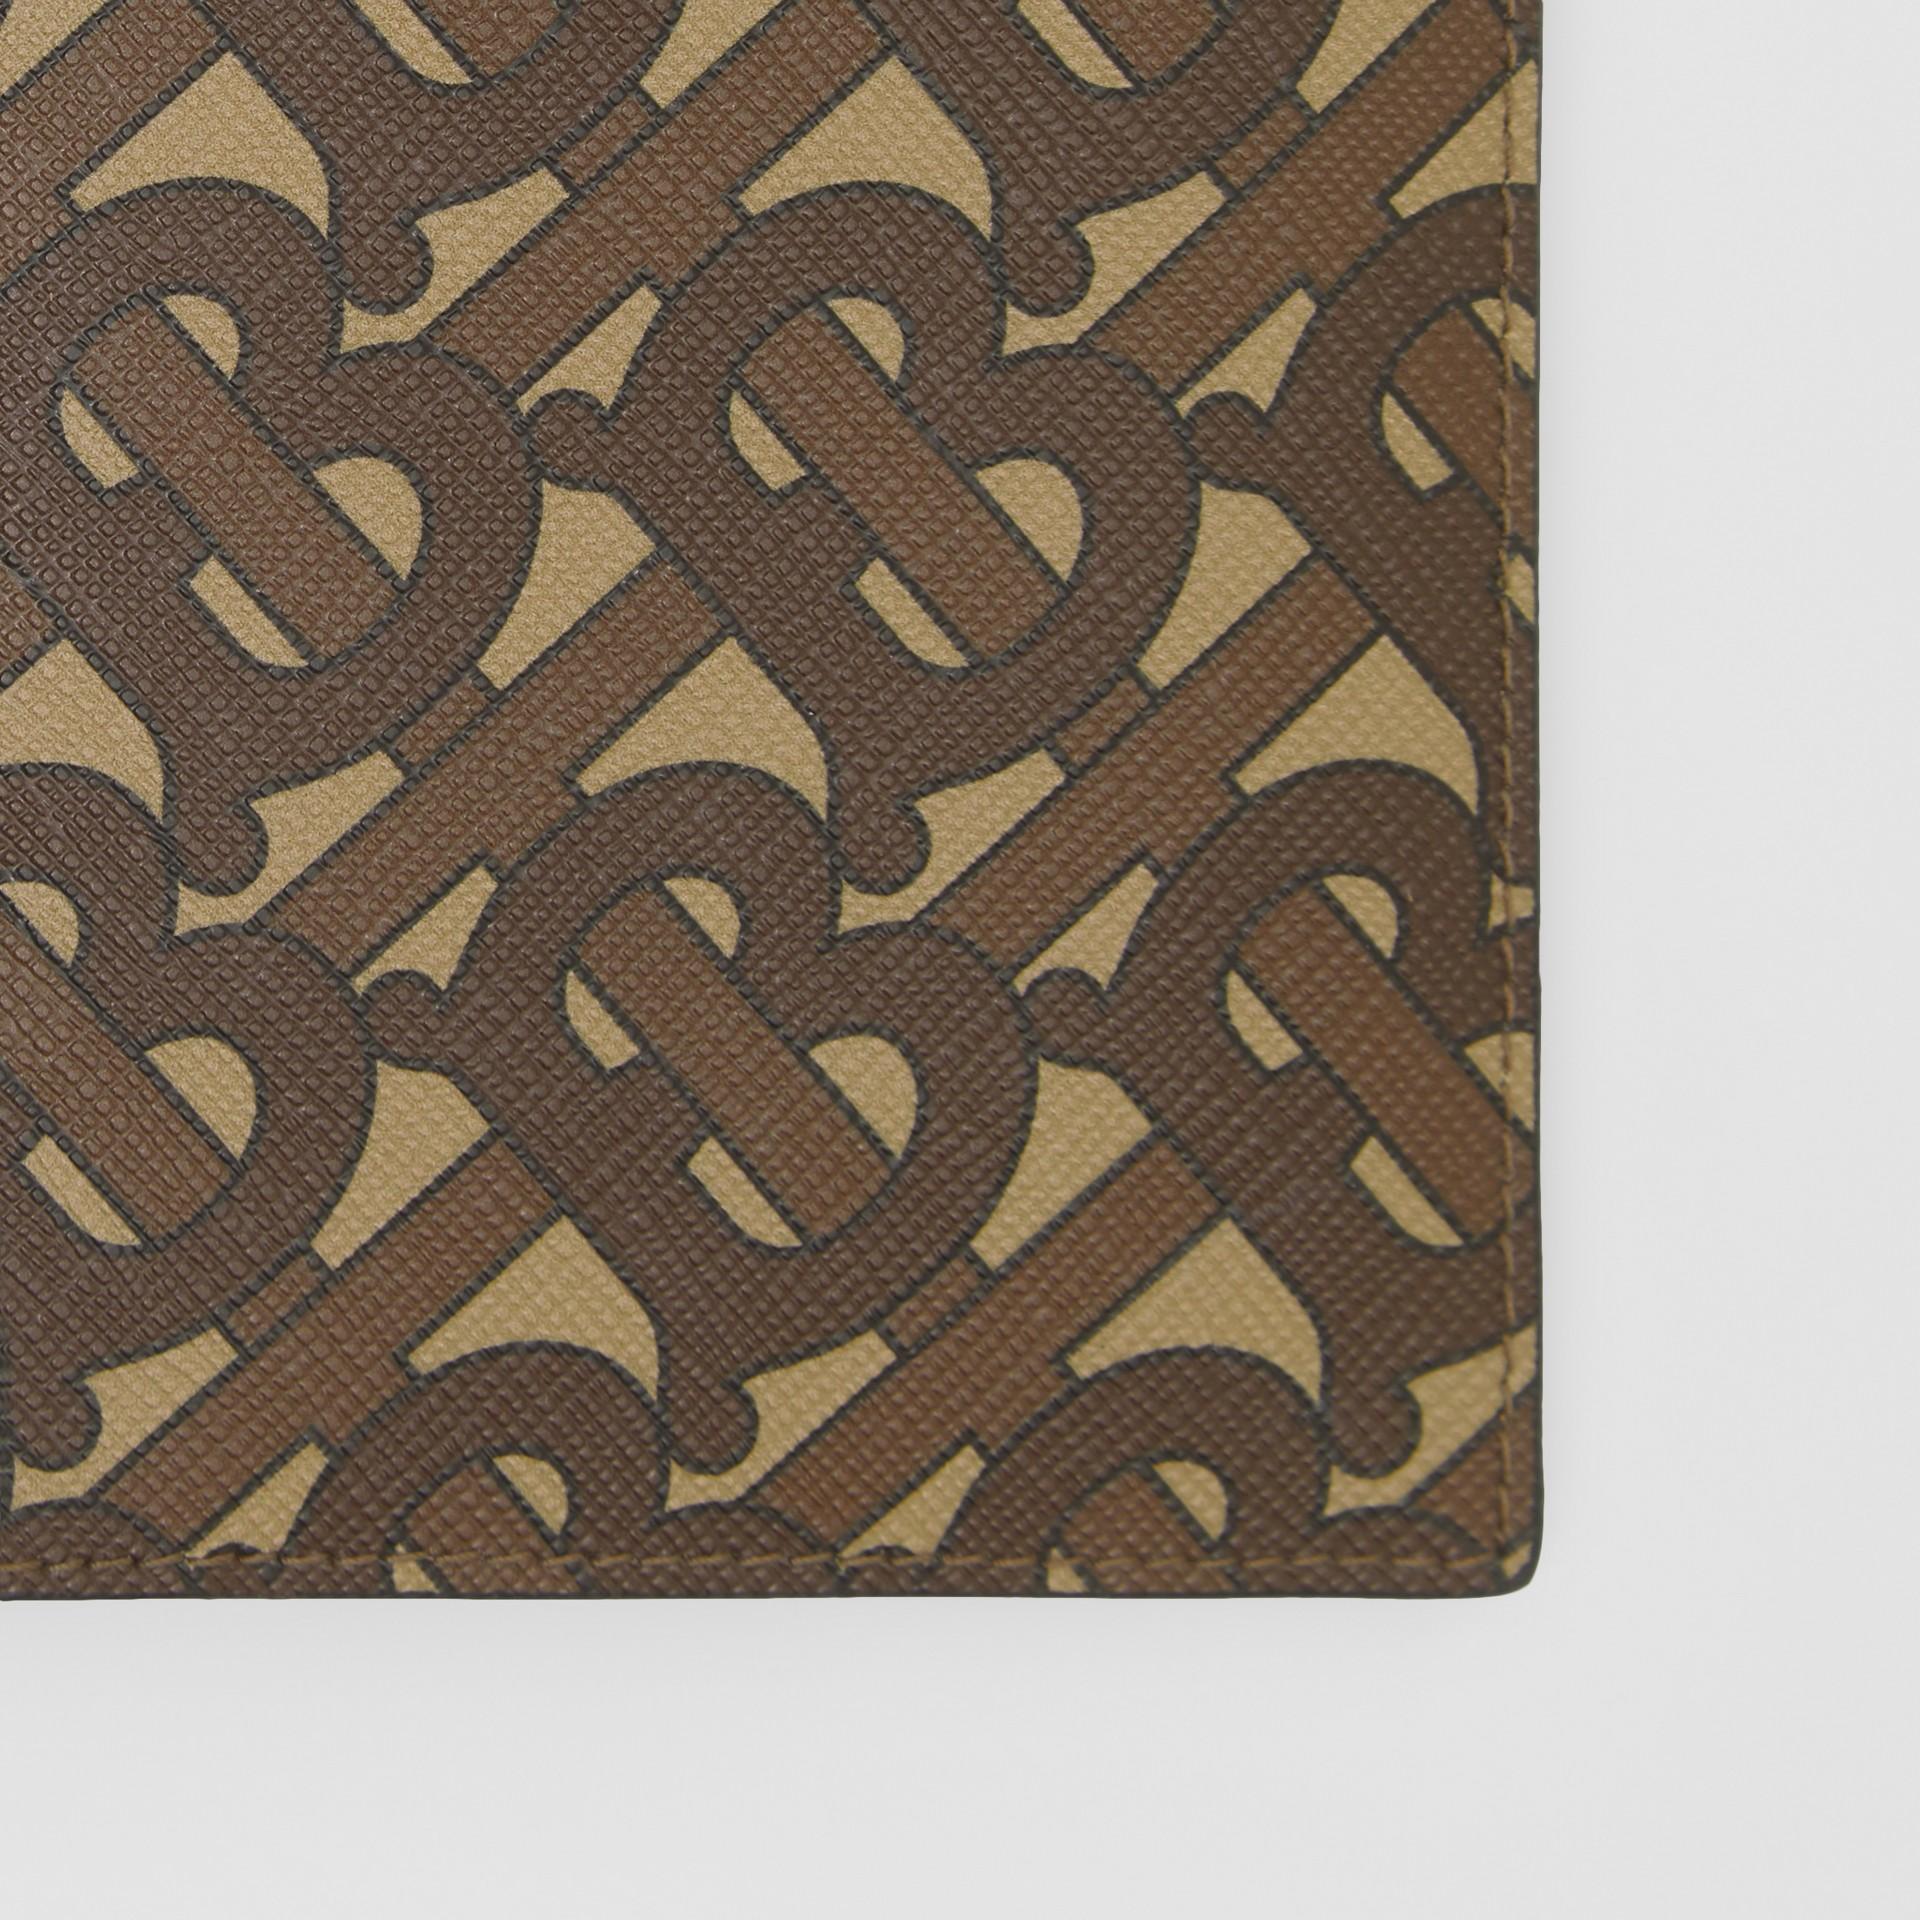 Funda para pasaporte en lona ecológica con estampado de monogramas (Marrón Ecuestre) - Hombre | Burberry - imagen de la galería 1